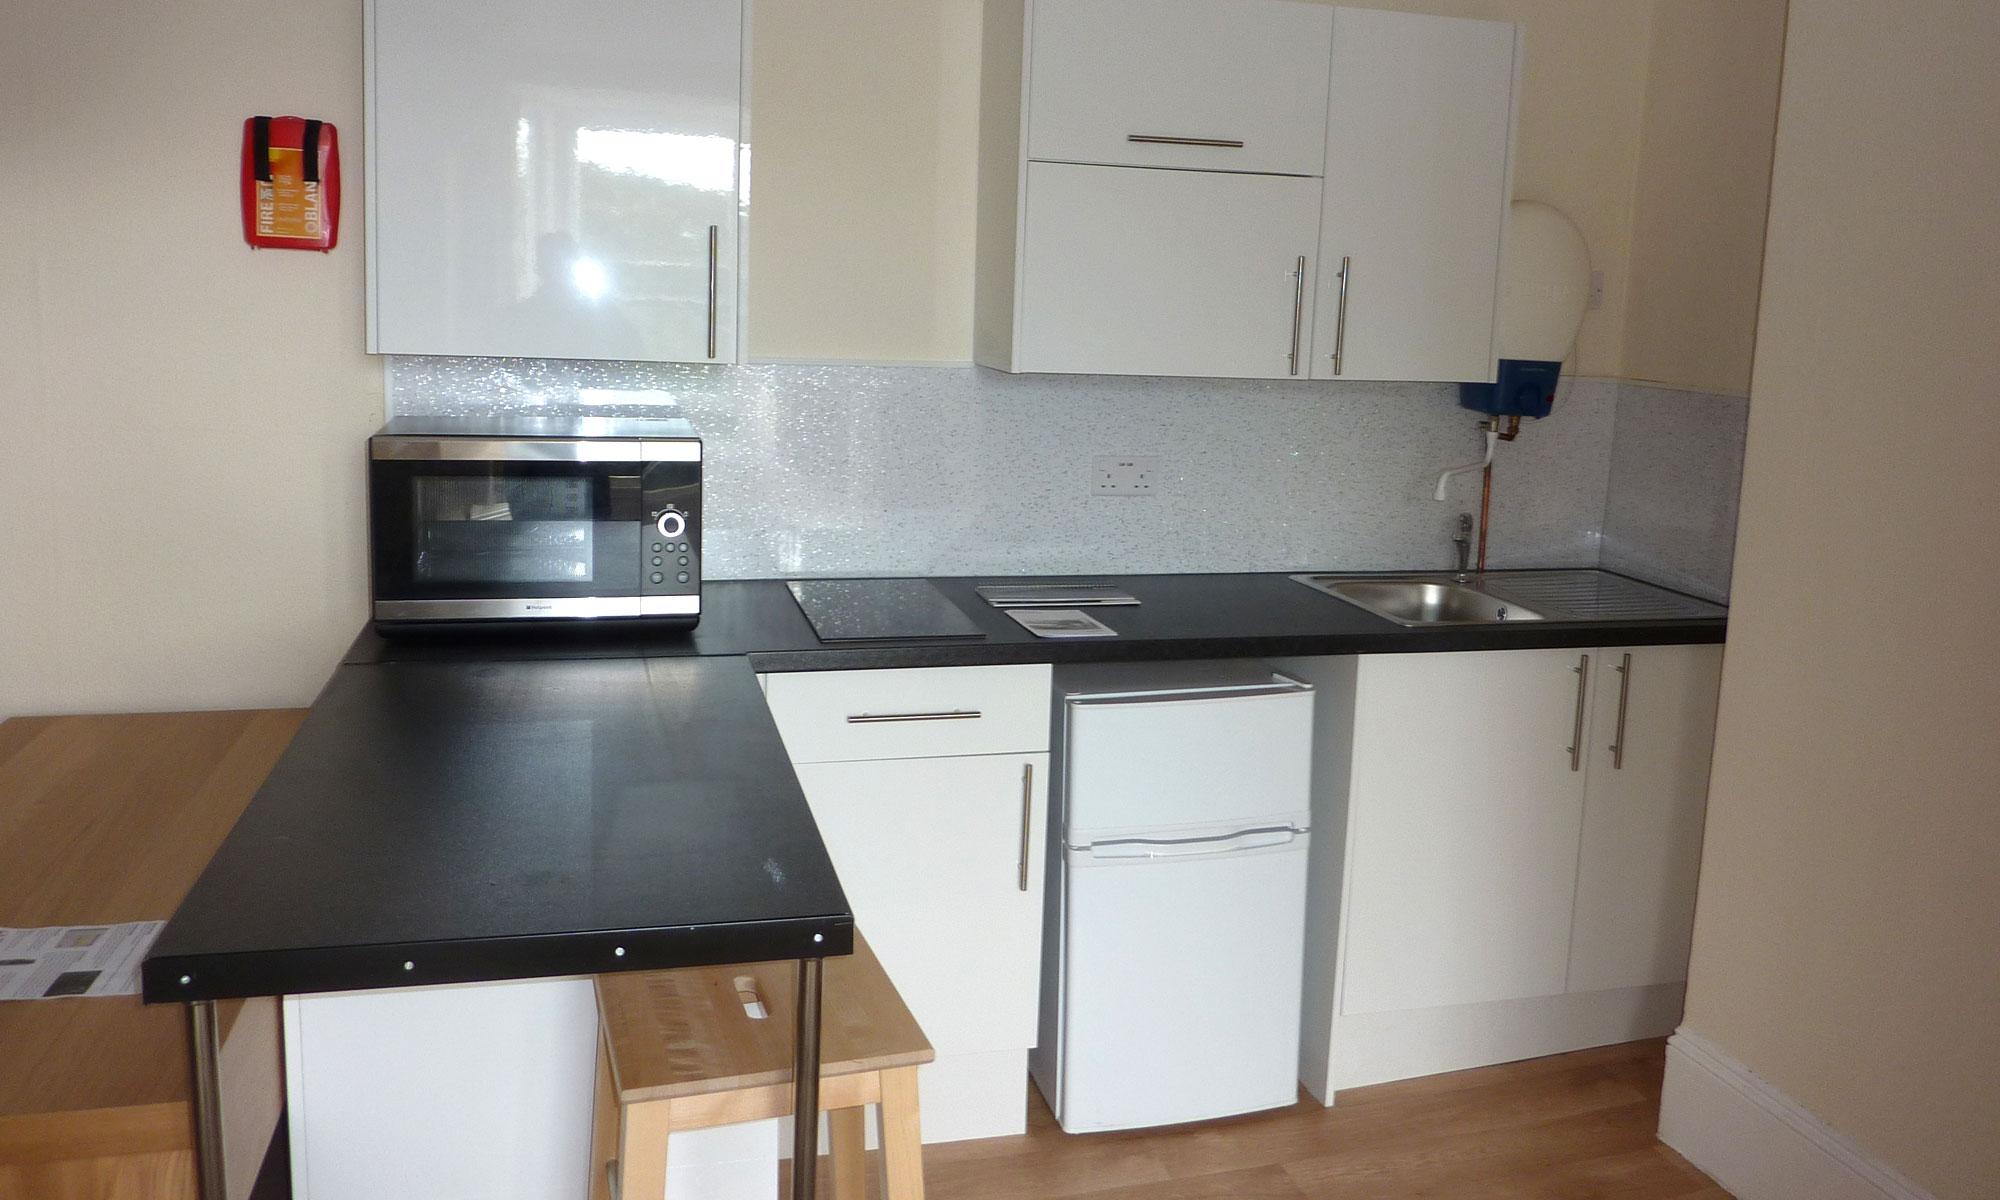 Dorset-gardens-bedsit-kitchen-2